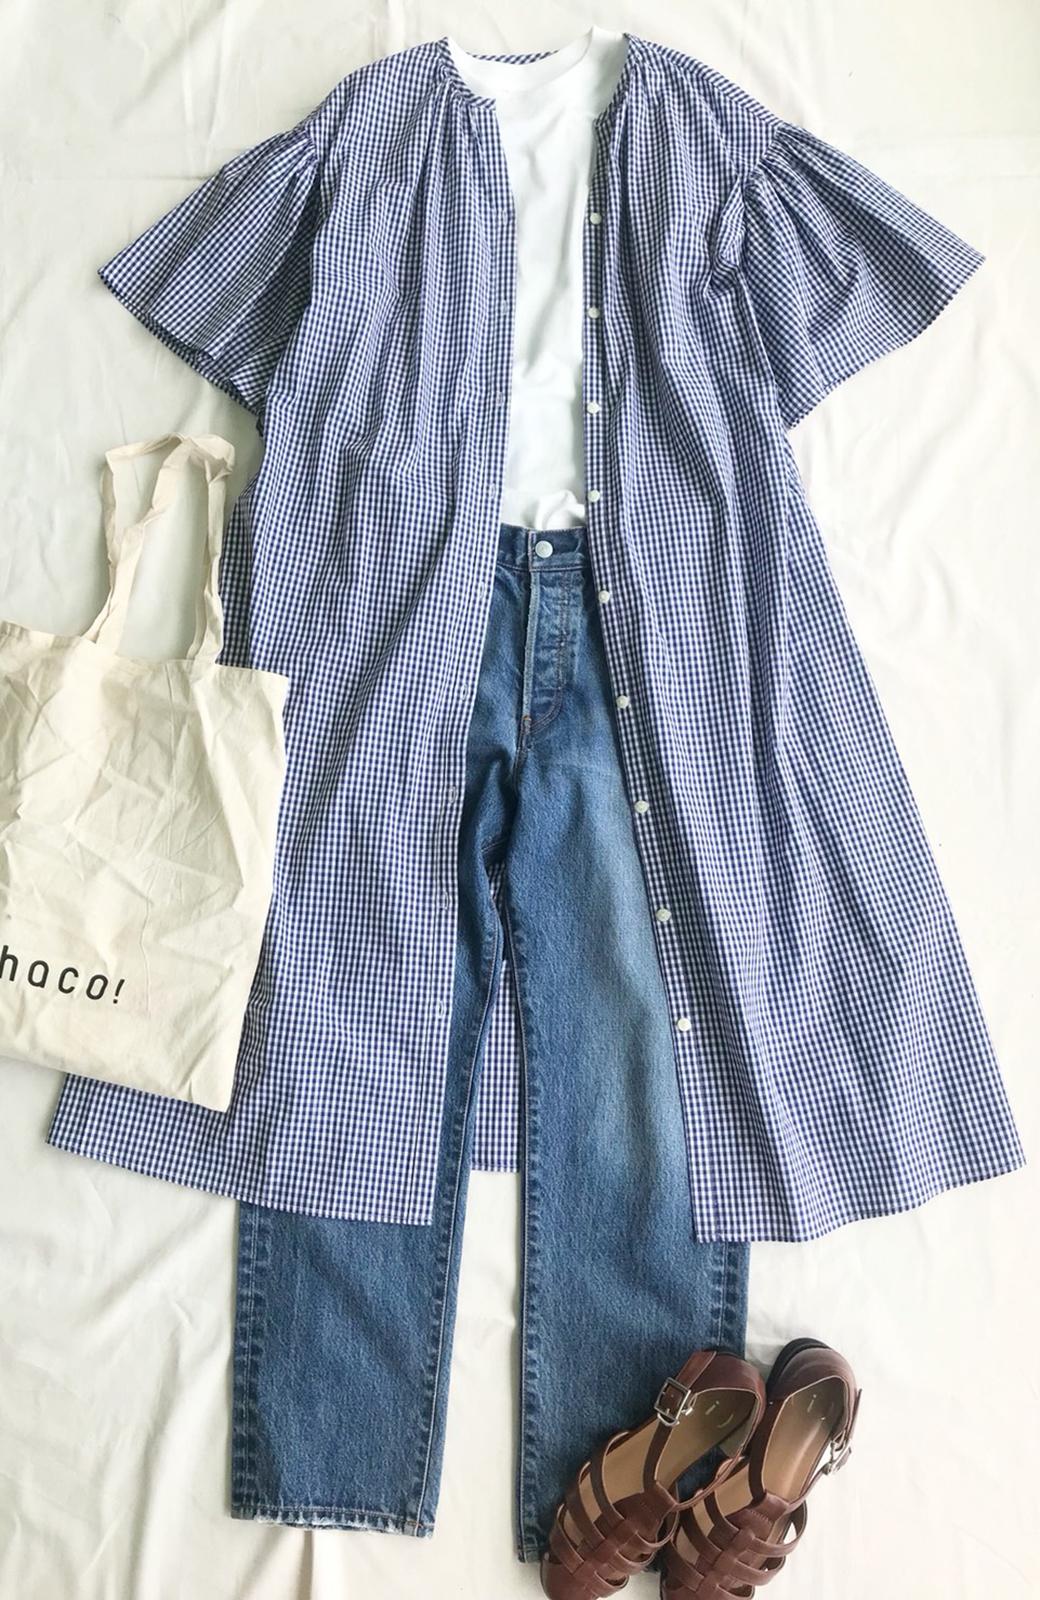 haco! 【スタッフスペシャルセット】ギリギリ女子ミオの夏のコーデに便利!手持ちのTシャツといけるんちゃうかセット  <その他>の商品写真21